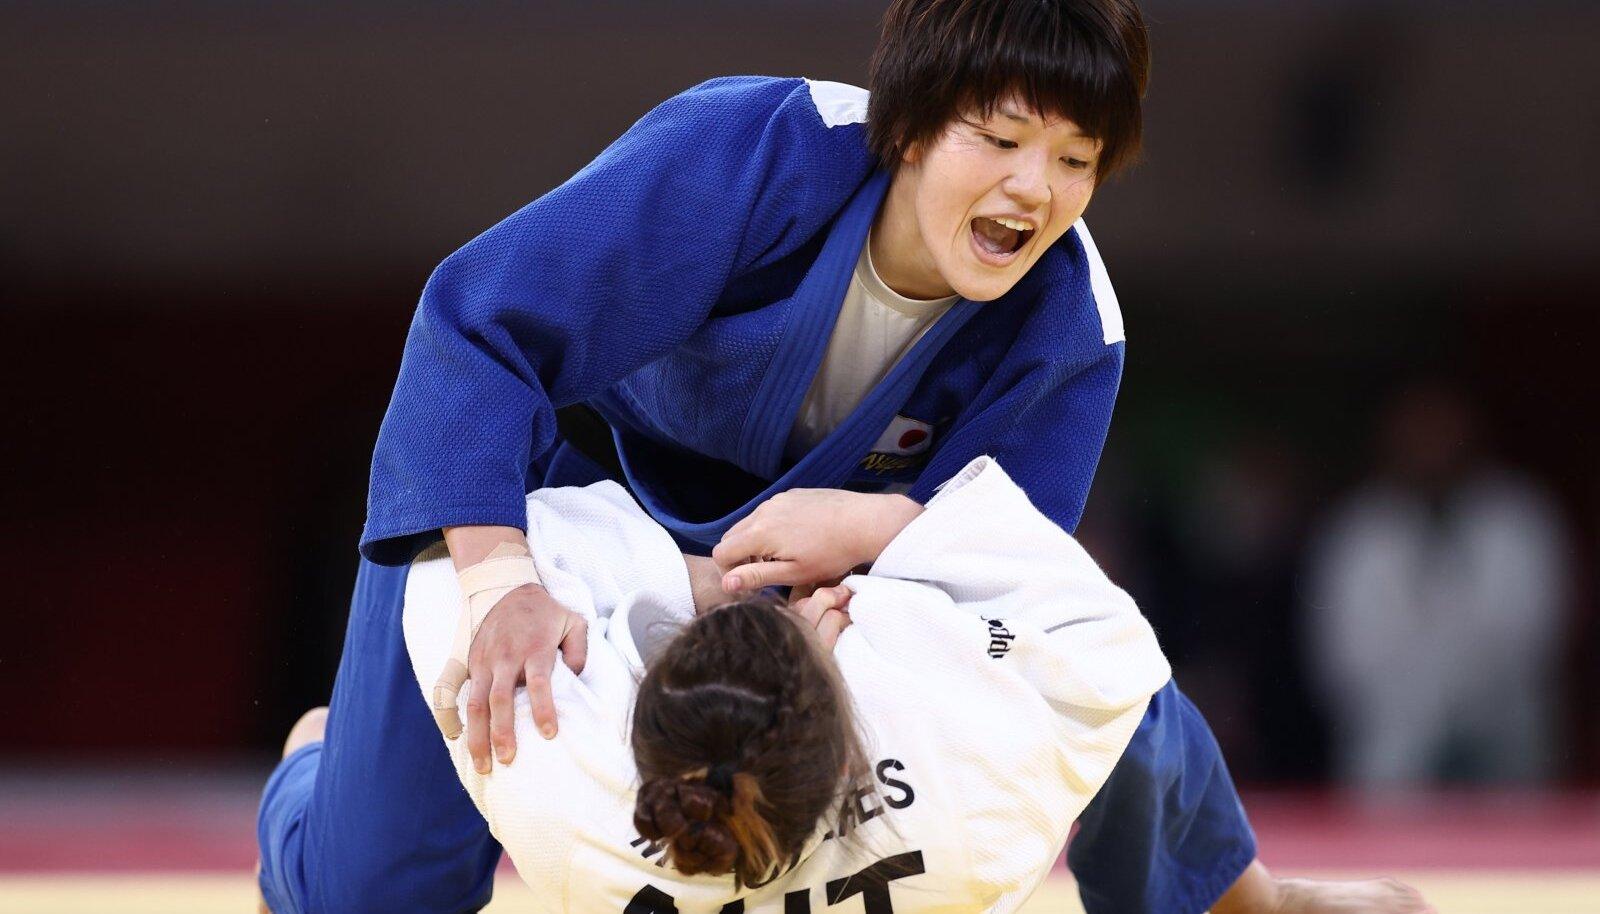 Paraadala judo pole jaapanlaste ootusi petnud. Ühe kuuest kuldmedalist võitis naiste –70 kg kategoorias Chizuru Arai.